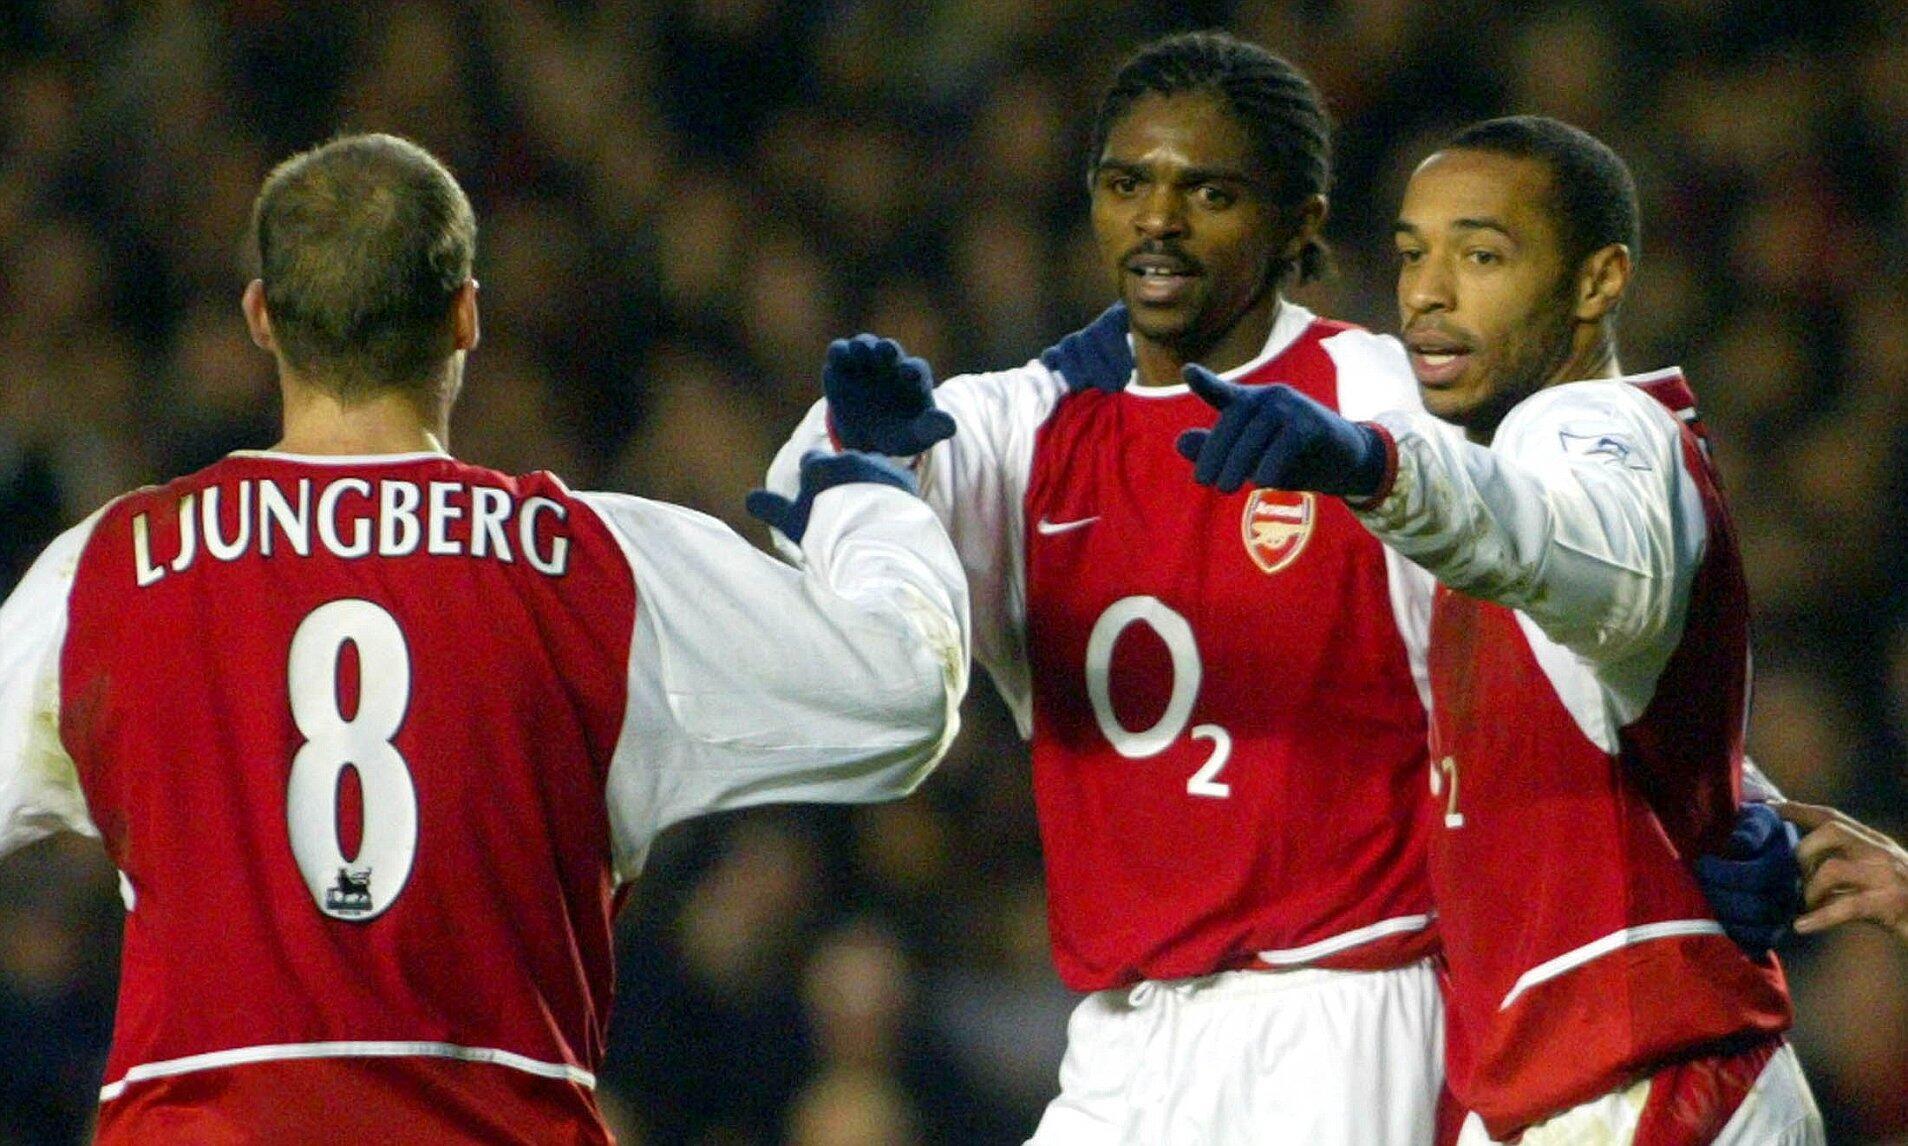 Tsohon dan wasan Arsenal Nwankwo Kanu, tare da abokan wasansa Thierry Henry da Lungberg.